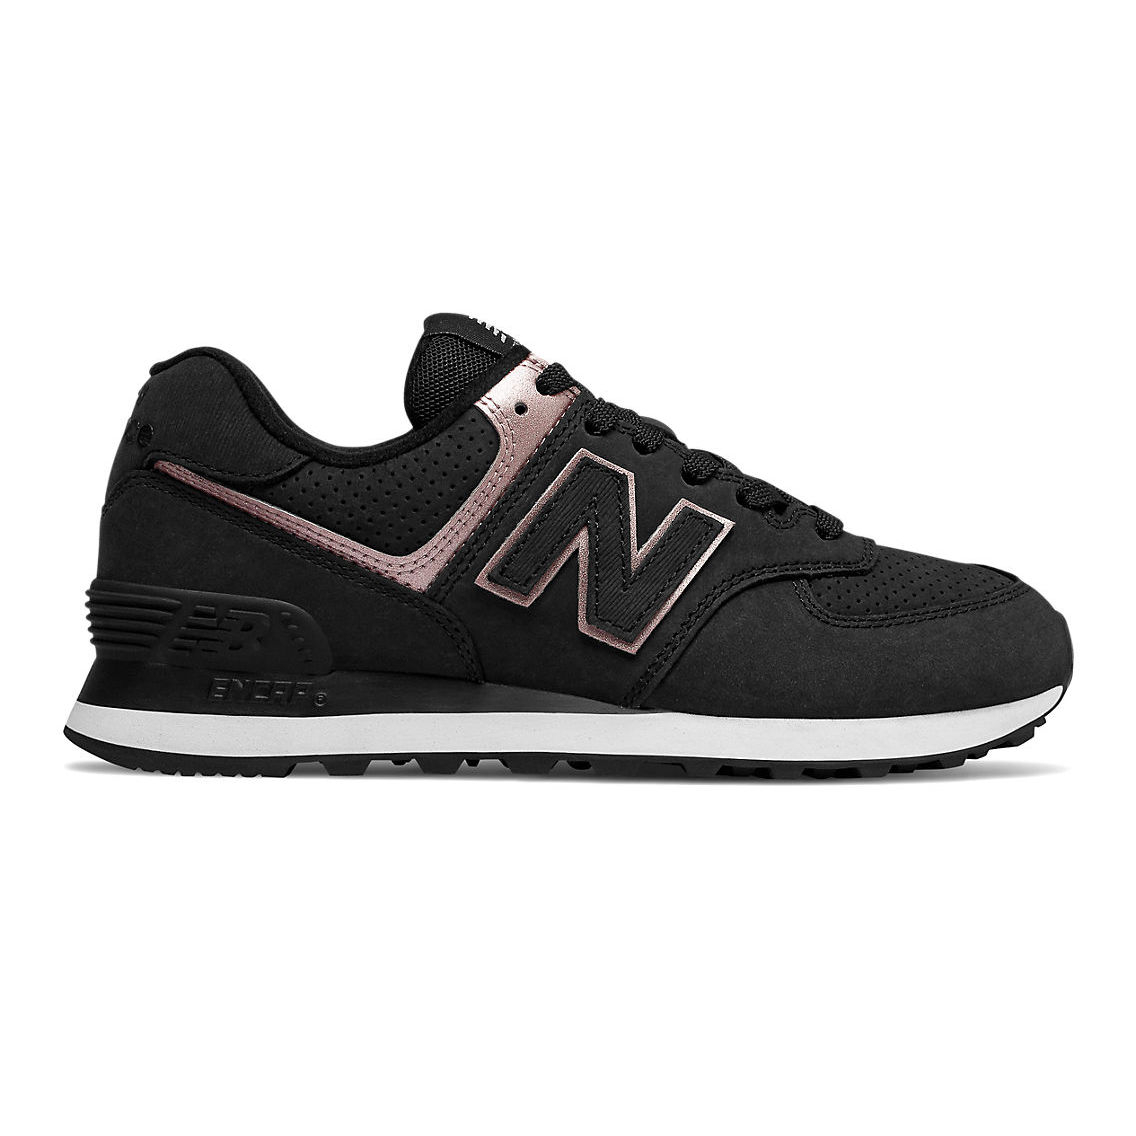 hot sale online c8207 9b63d Chaussures femme New Balance 574 Nubuck